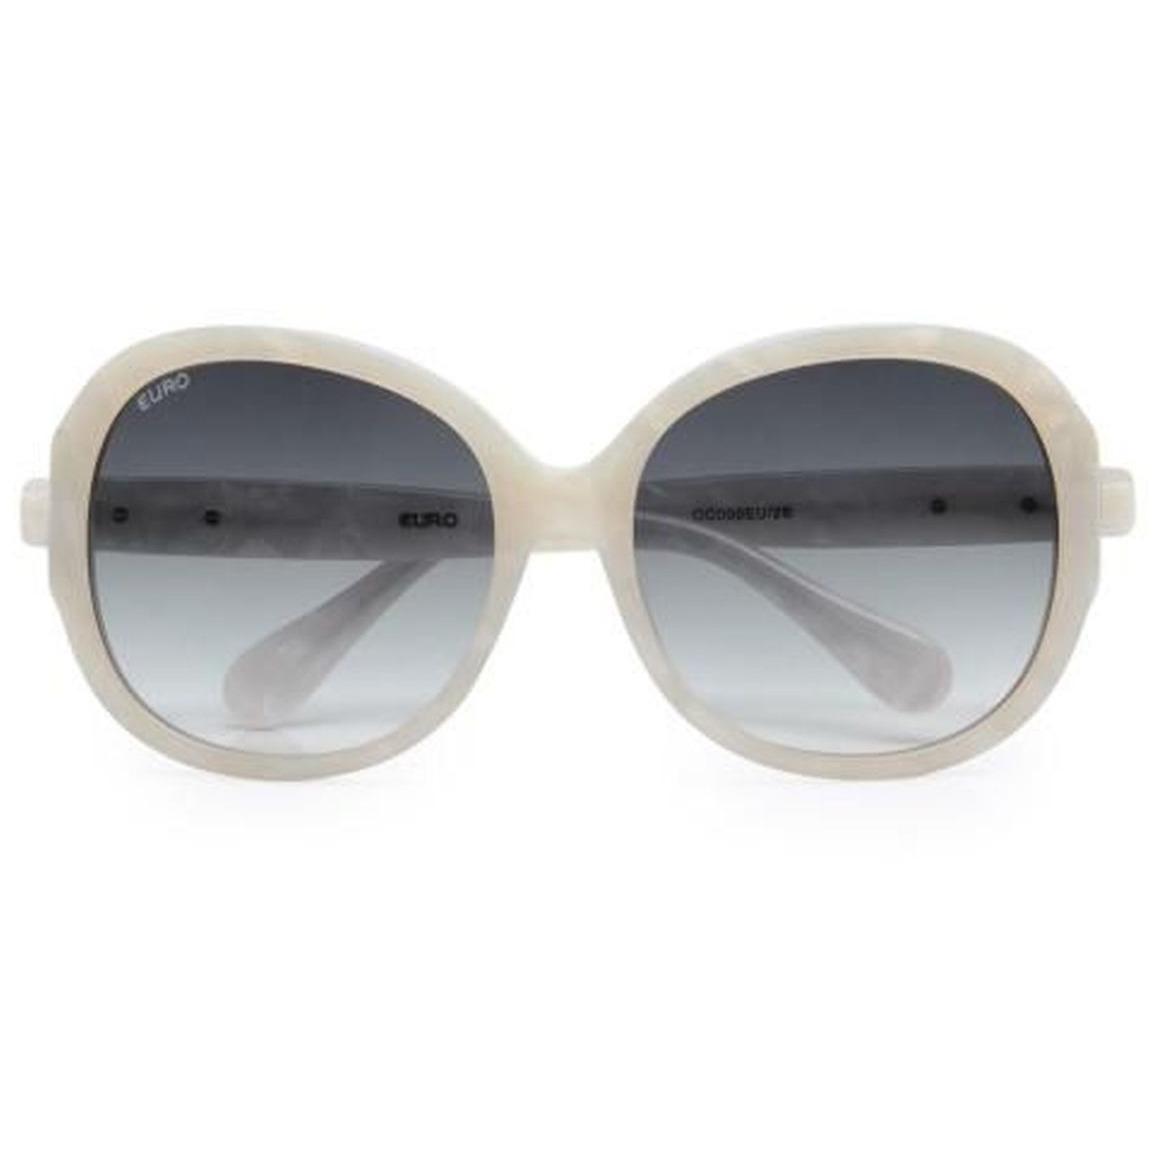 61cc11683f756 oculos sol euro lisboa preto - oc009eu 2b feminino. Carregando zoom.